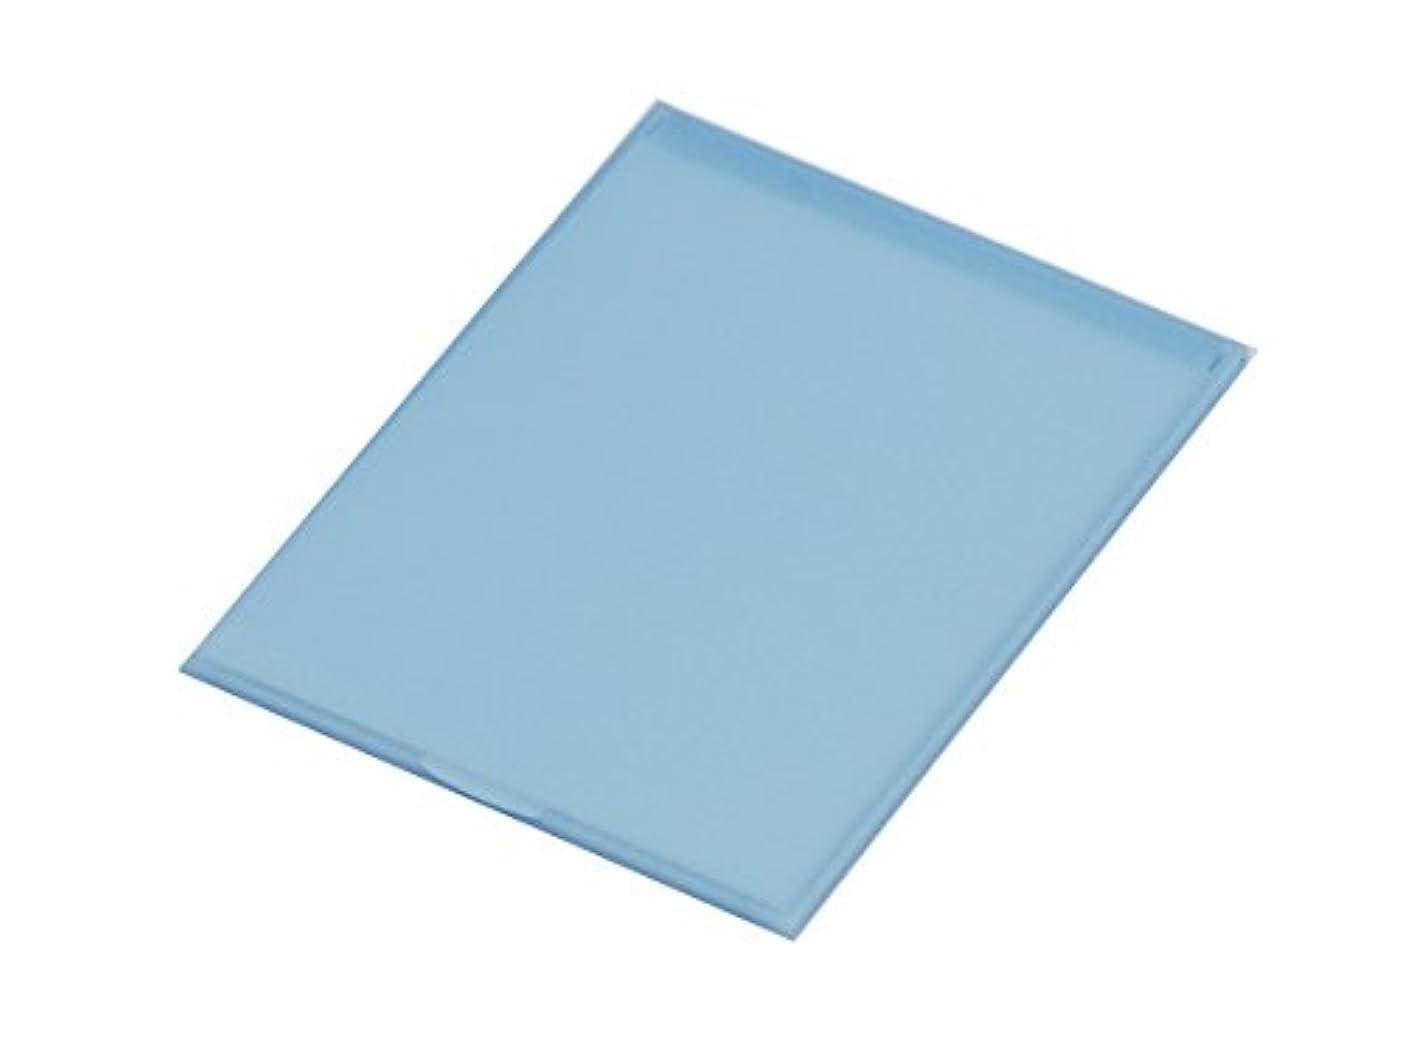 十分に触覚チョーク堀内鏡工業 スリム&ライト パステルカラー コンパクトミラー M ブルー